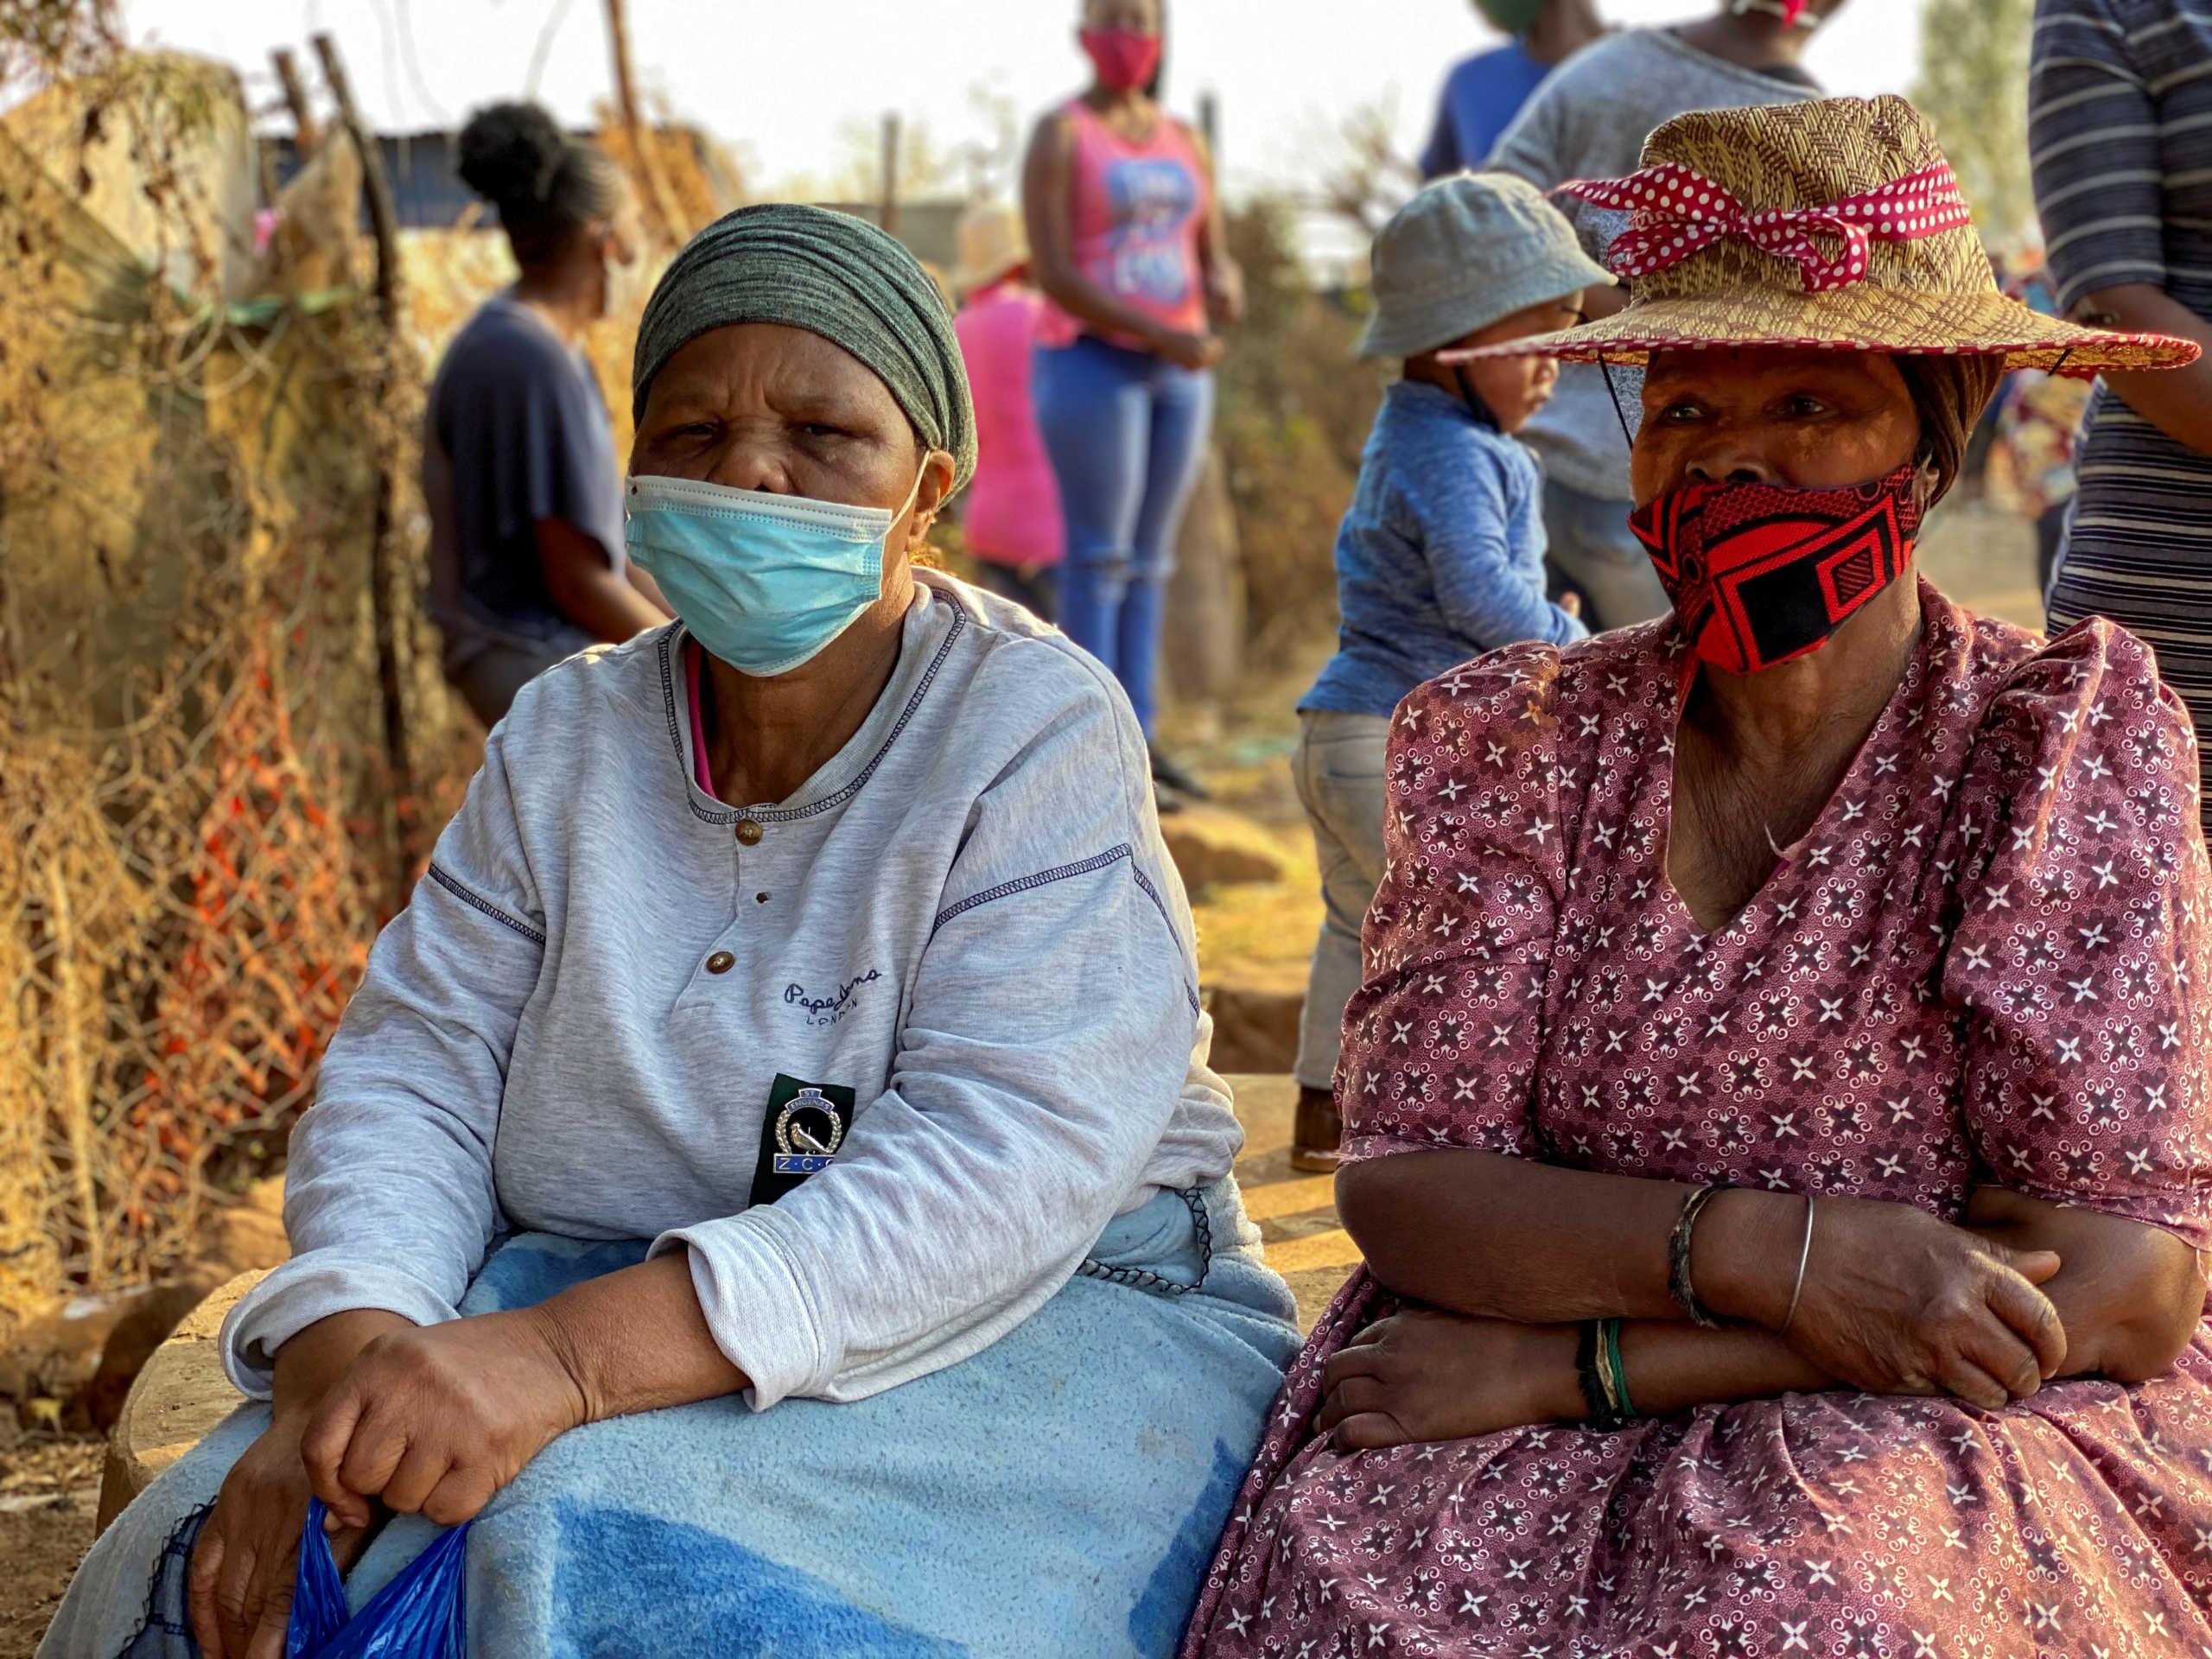 Κορονοϊός: Αύξηση κατά 40% των θανάτων στην Αφρική τον τελευταίο μήνα